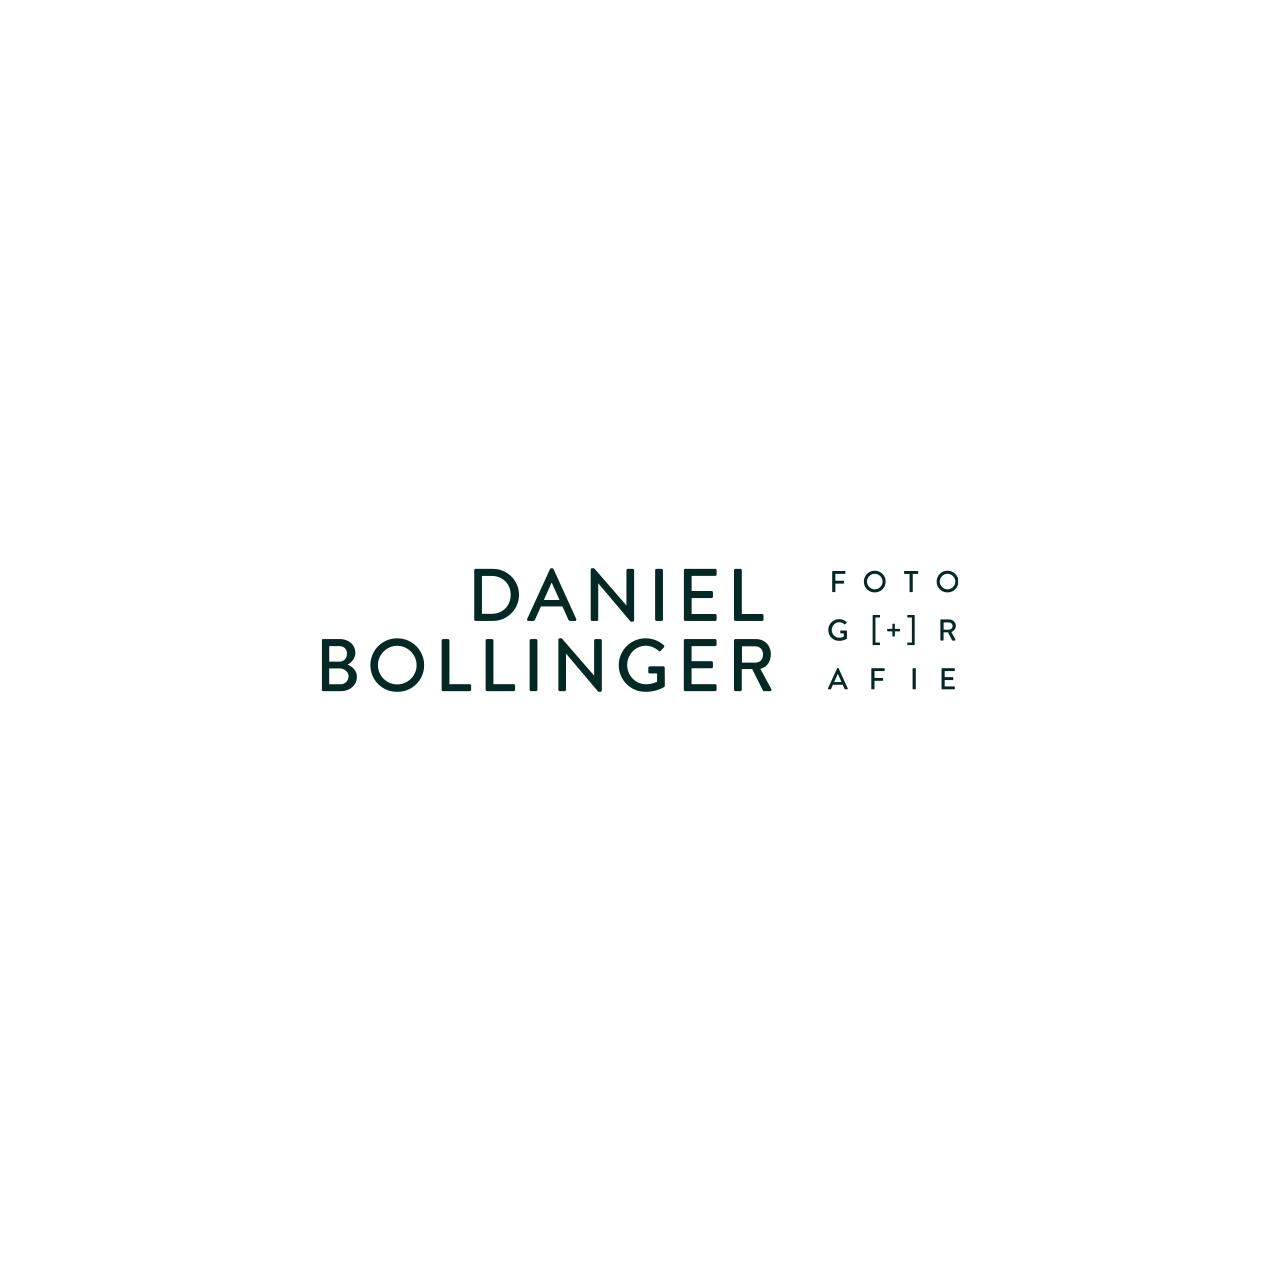 c12-bollinger